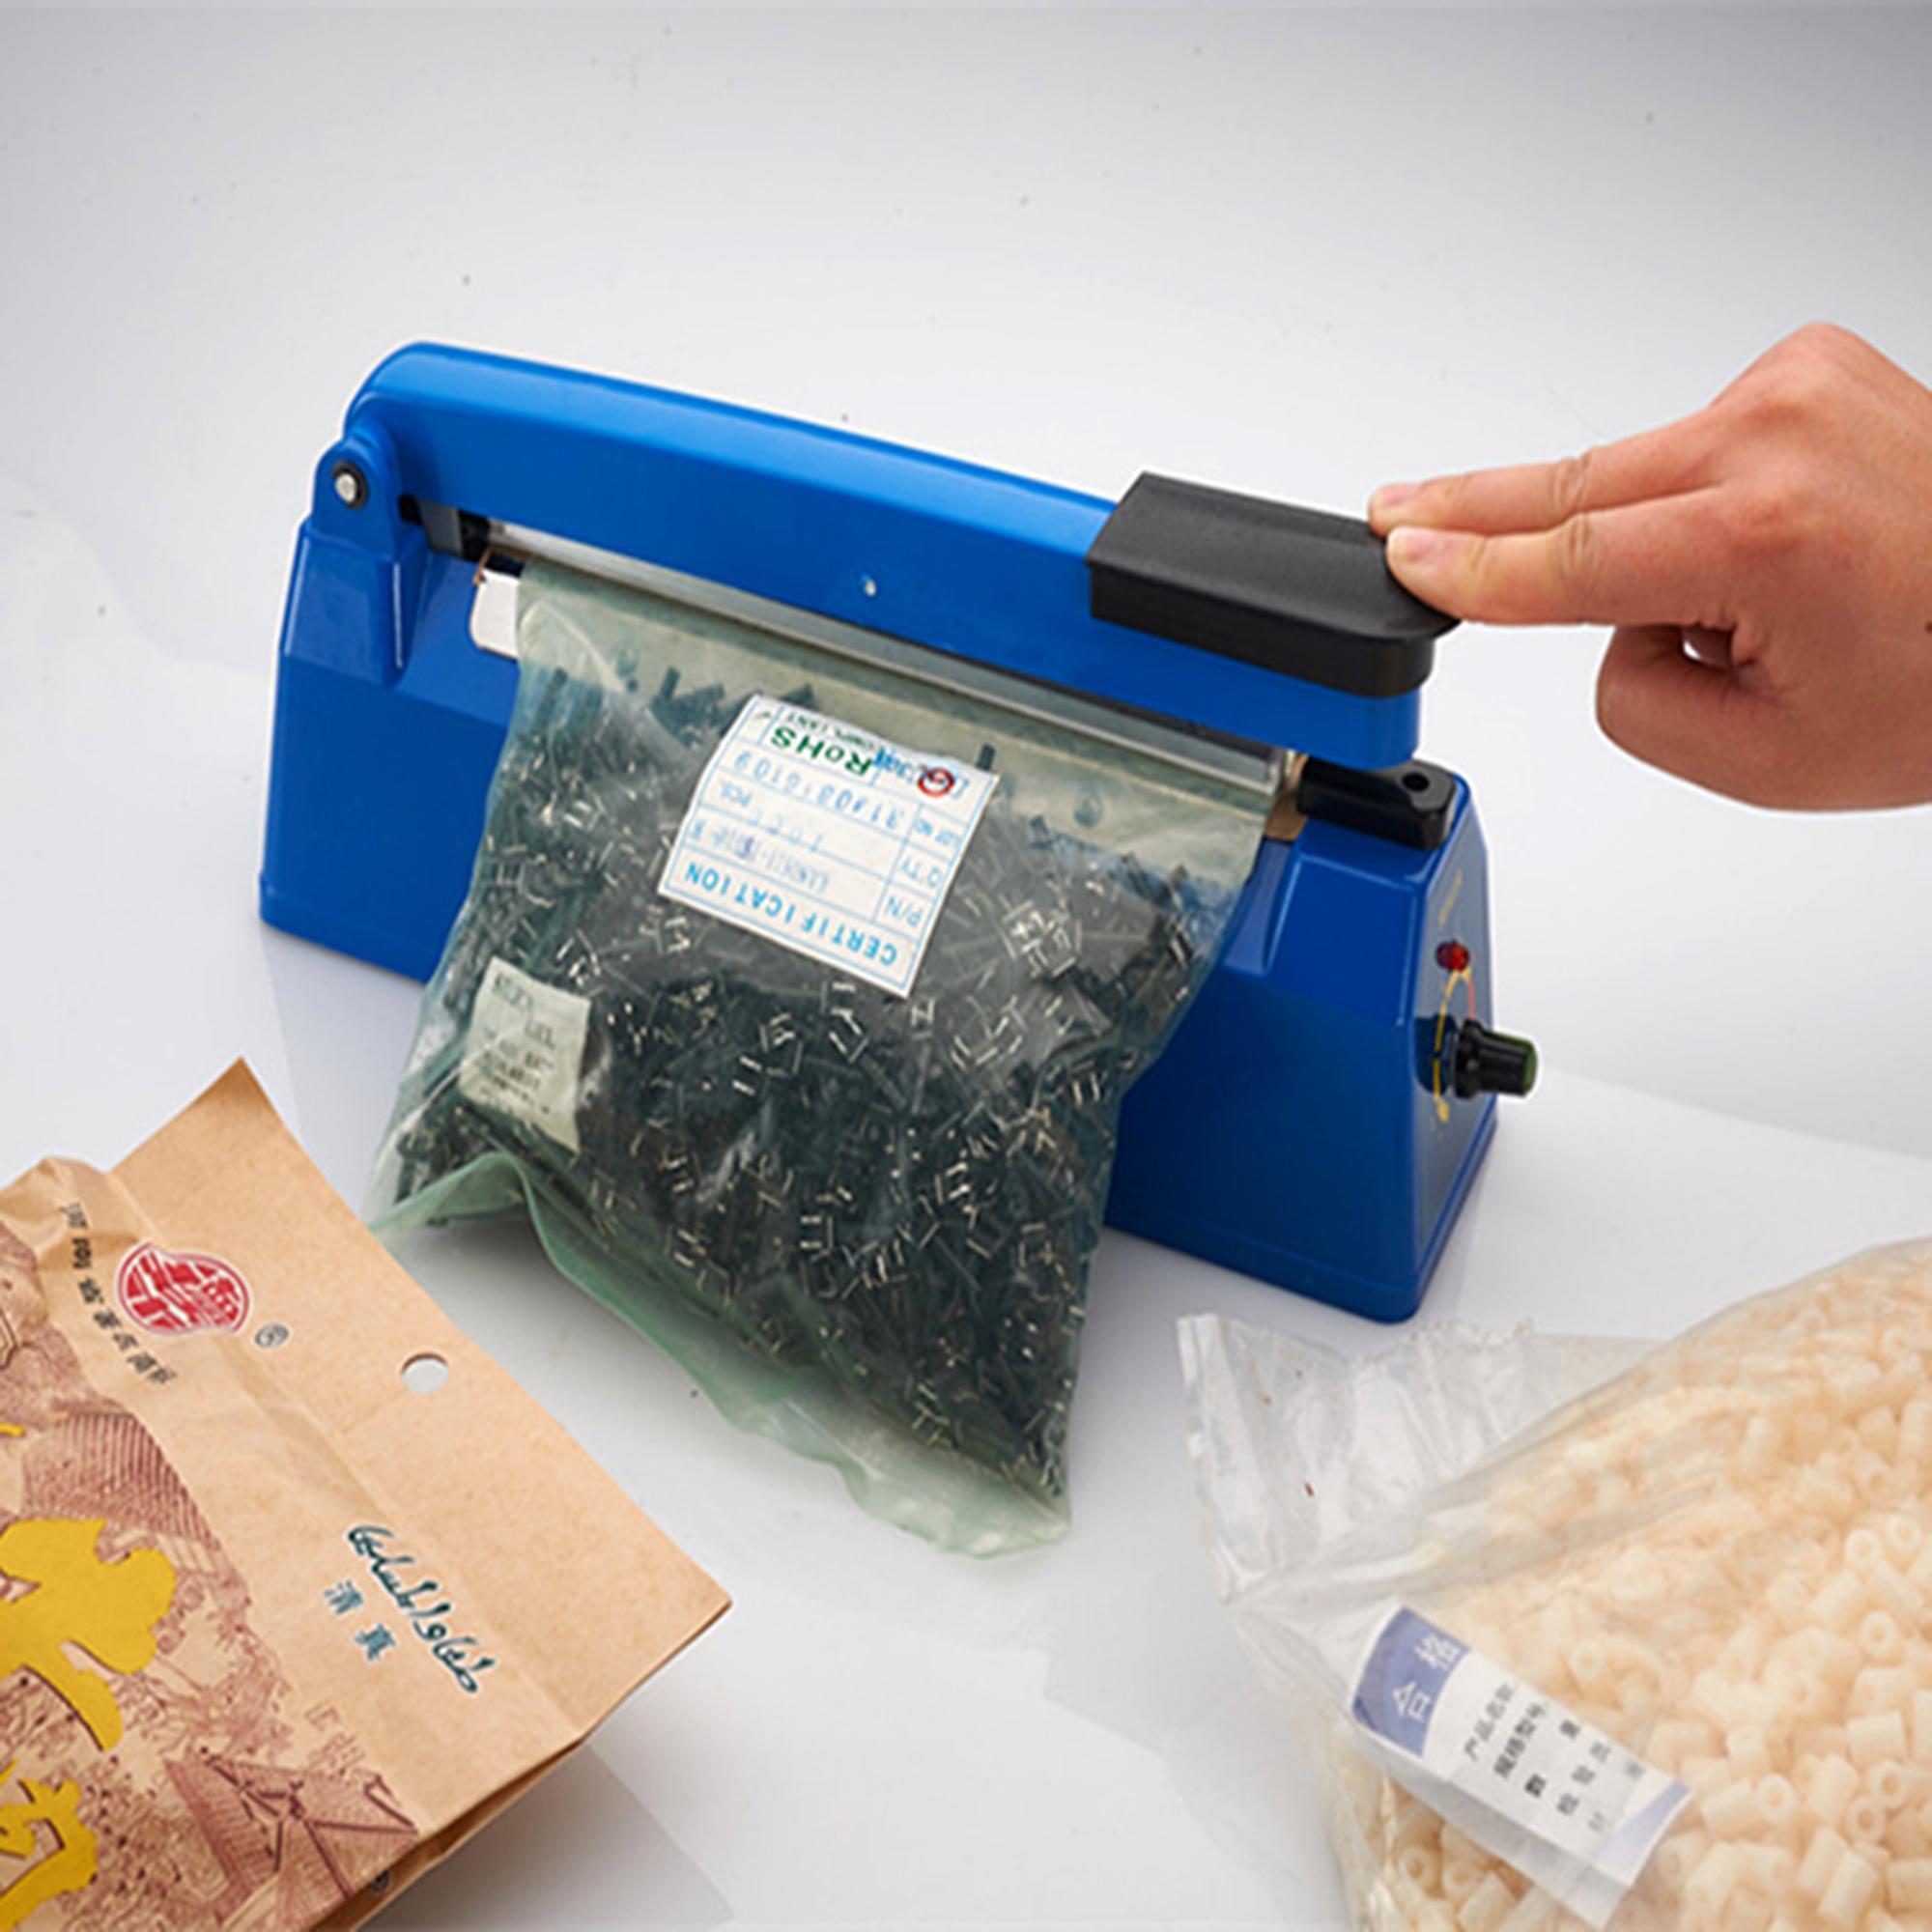 Máy hàn miệng túi FS 200 độ dài mép hàn 20 cm